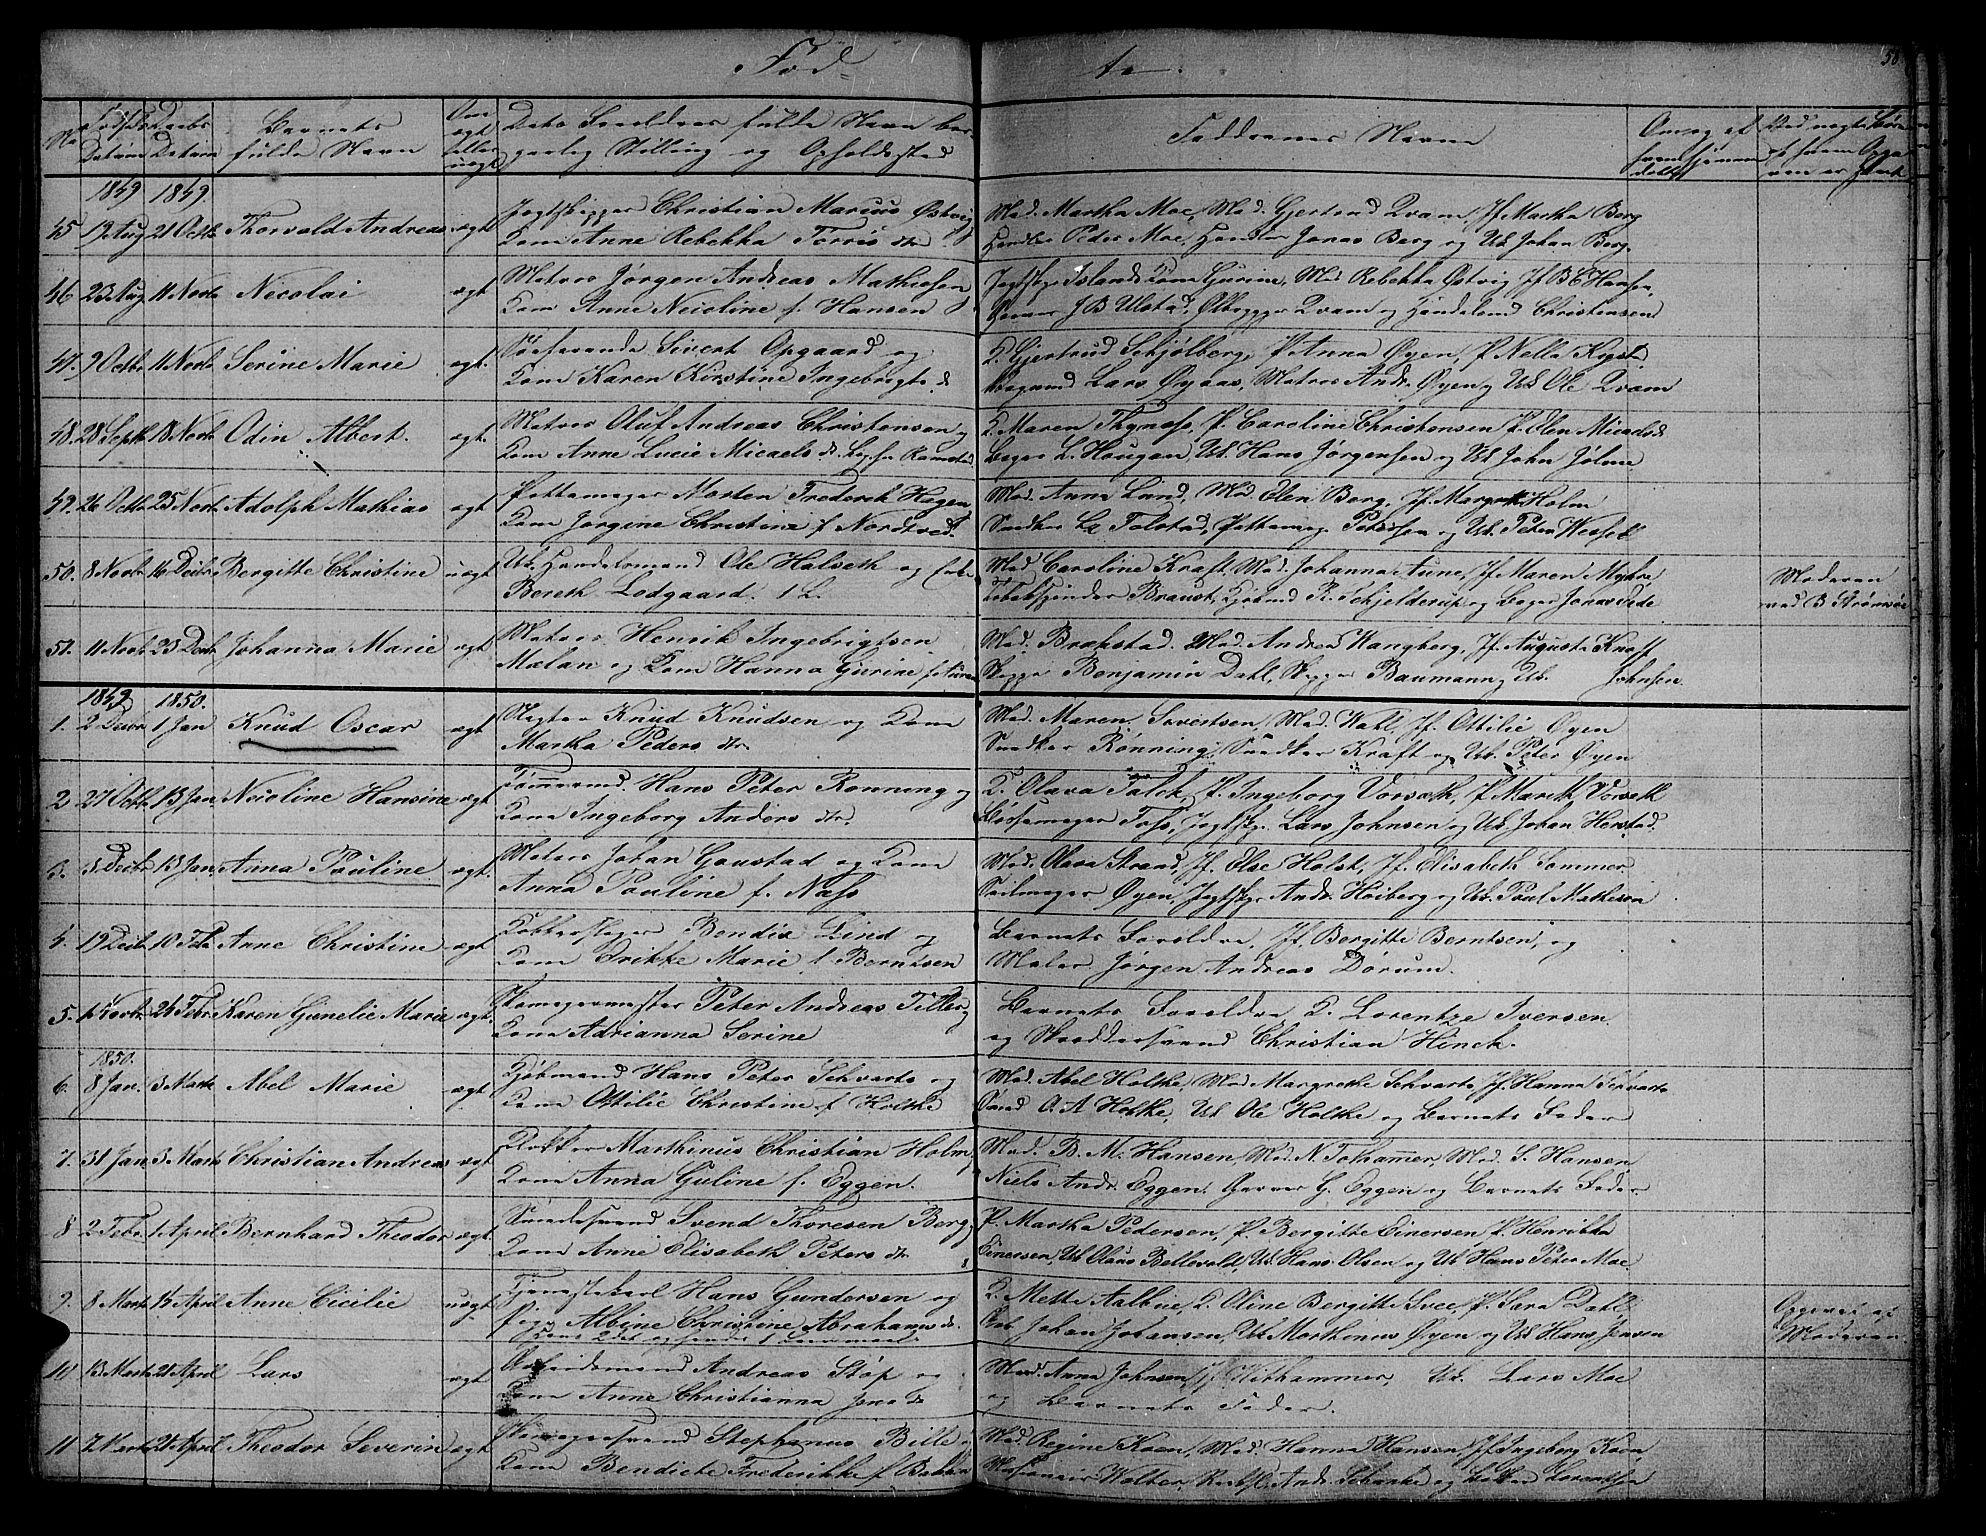 SAT, Ministerialprotokoller, klokkerbøker og fødselsregistre - Sør-Trøndelag, 604/L0182: Ministerialbok nr. 604A03, 1818-1850, s. 58